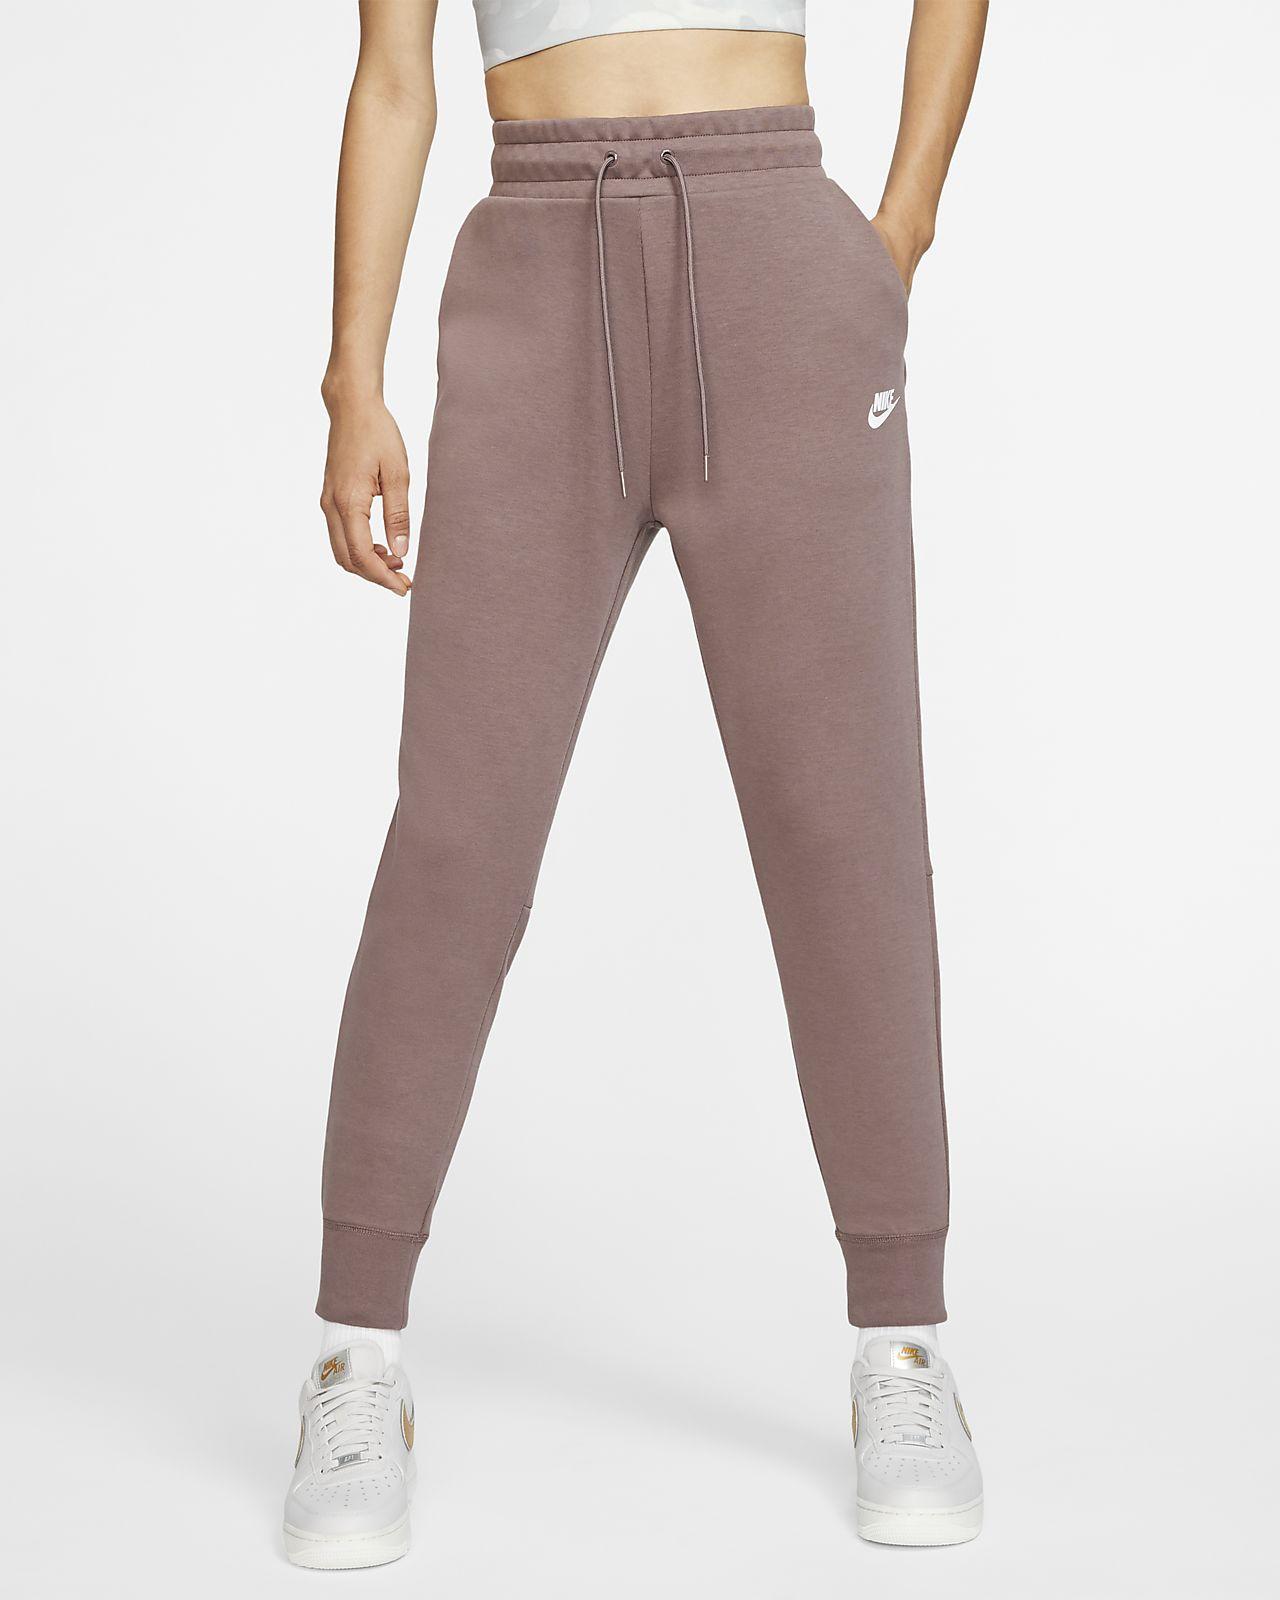 Nike Sportswear Tech Fleece bukse for dame